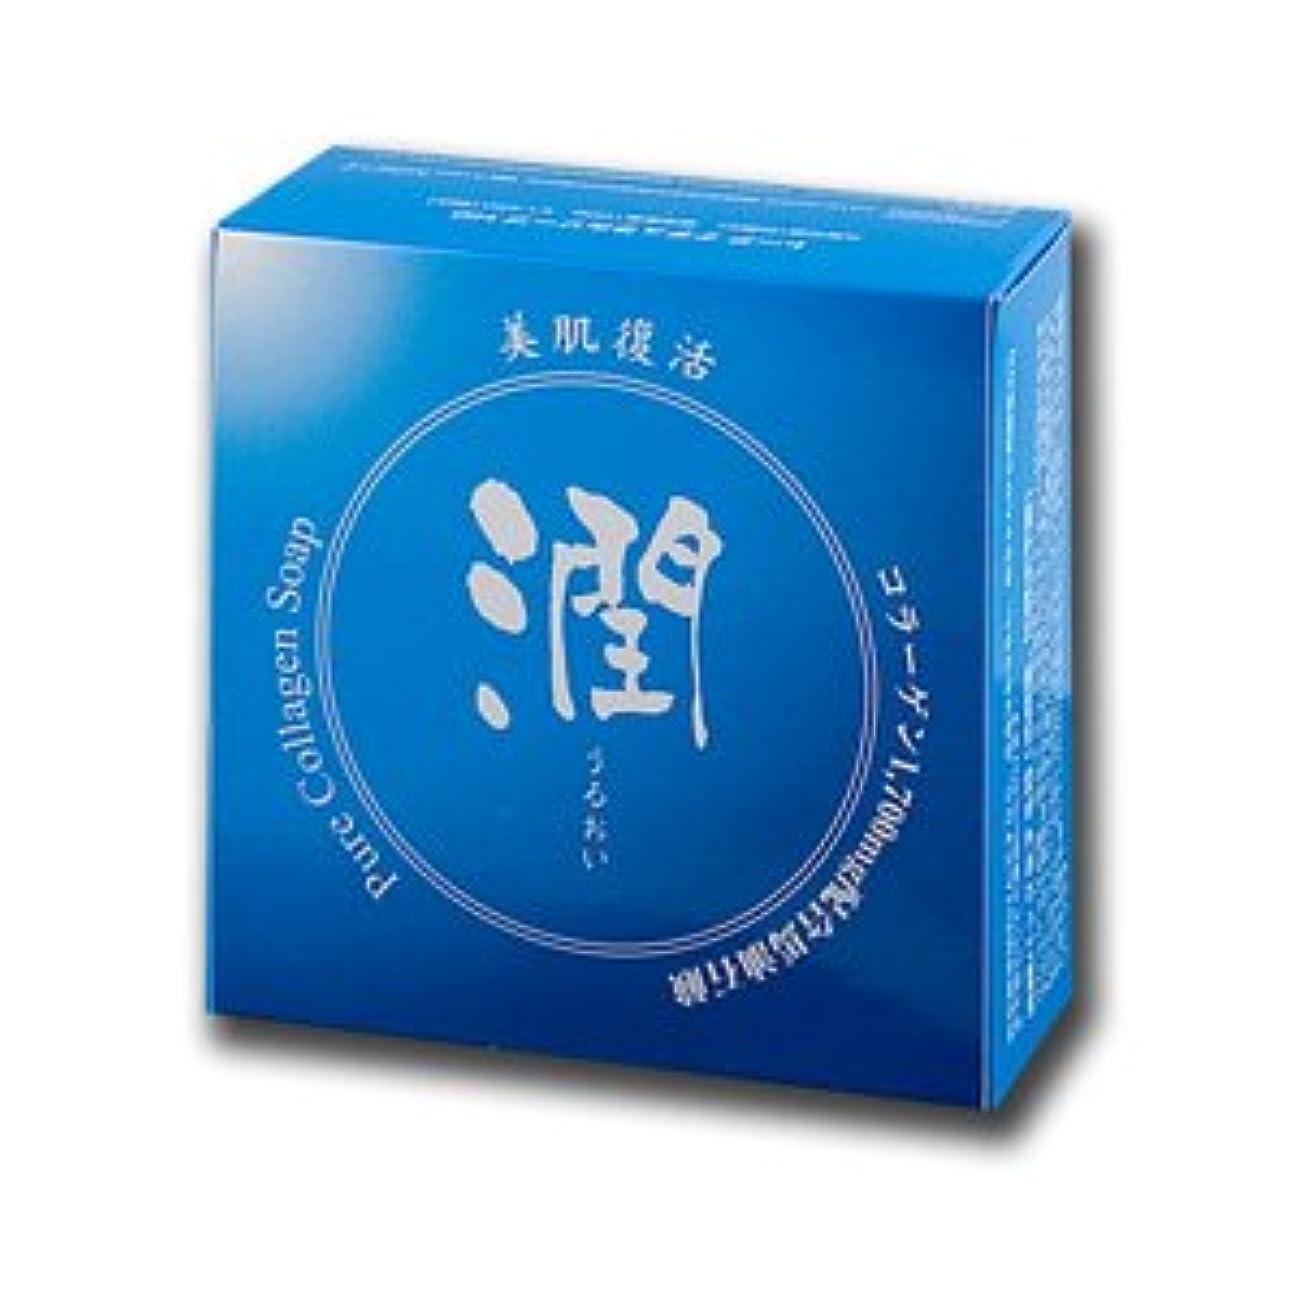 キャンベラタンザニアコーンウォールコラーゲン馬油石鹸 潤 100g (#800410) ×5個セット